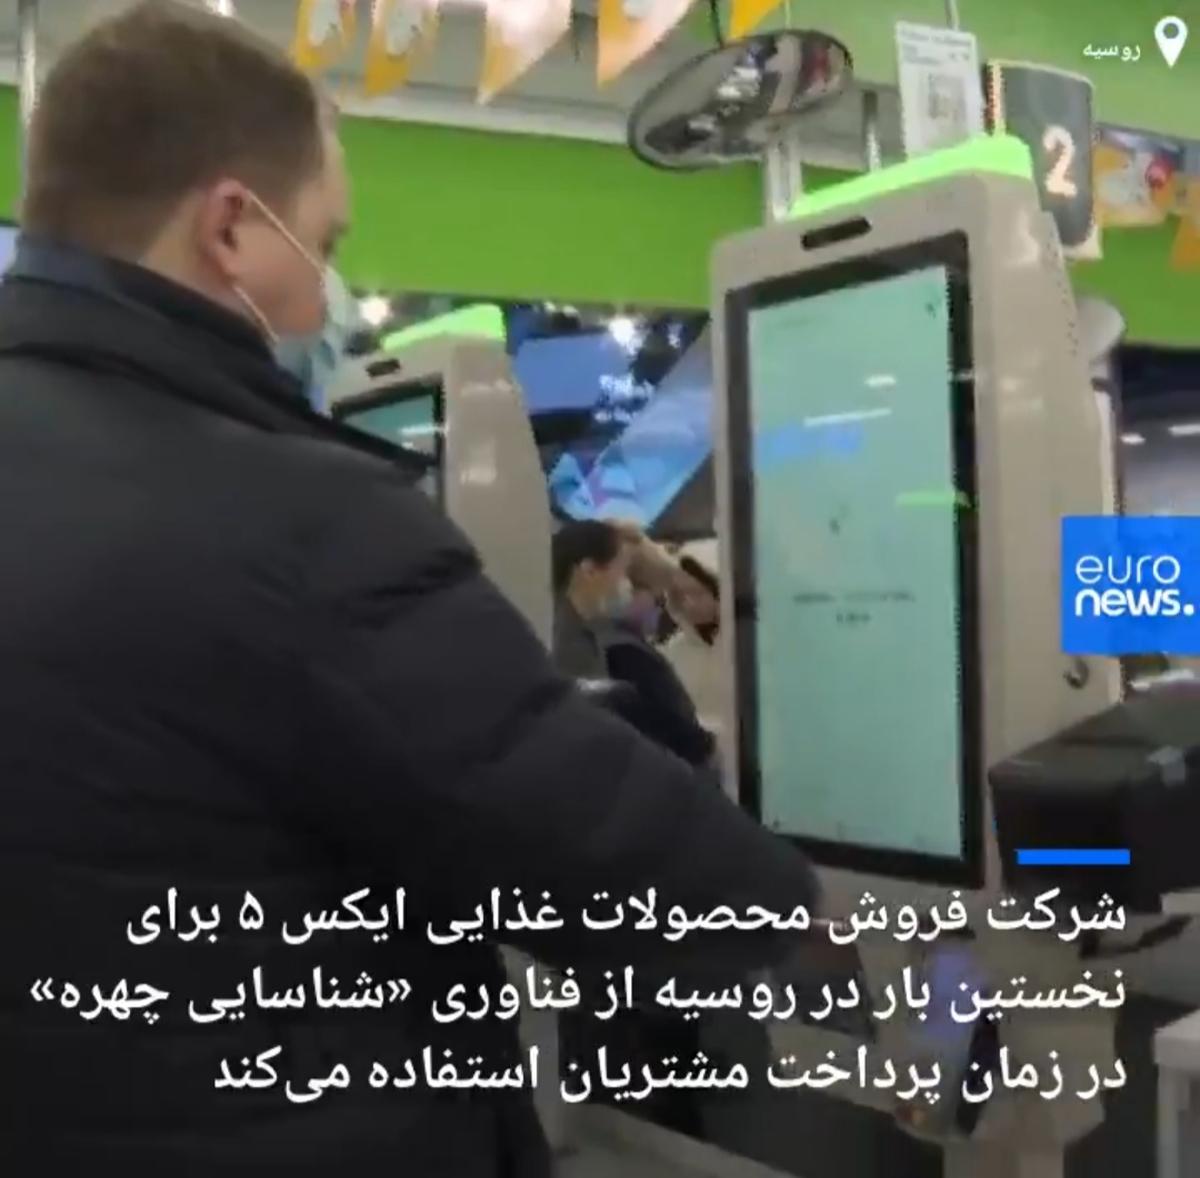 خرید محصولات غذایی تنها از طریق شناسایی چهره در روسیه + ویدئو